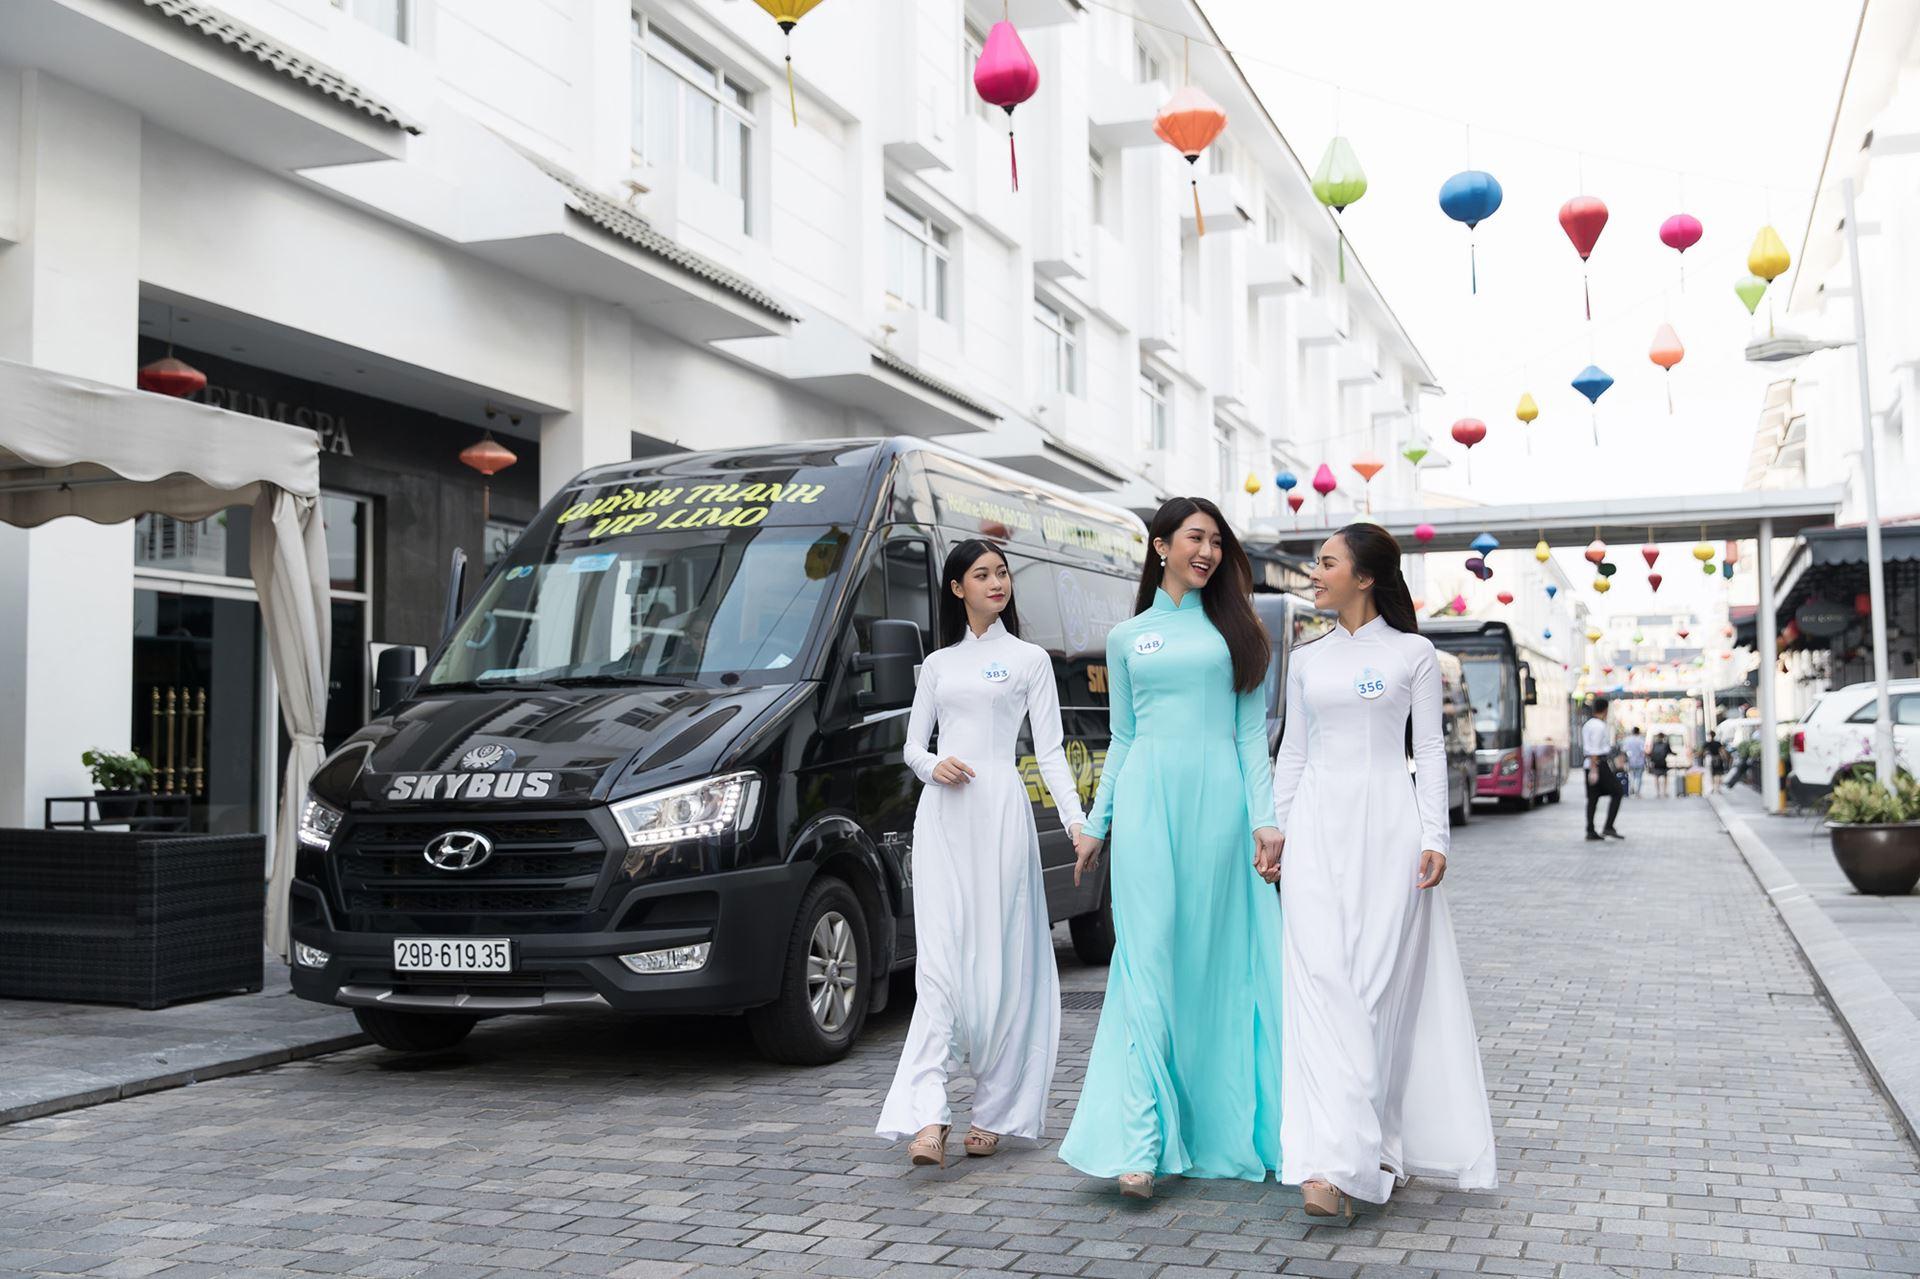 Xe limousine Skybus đồng hành cùng Miss World Việt Nam 2019 -2